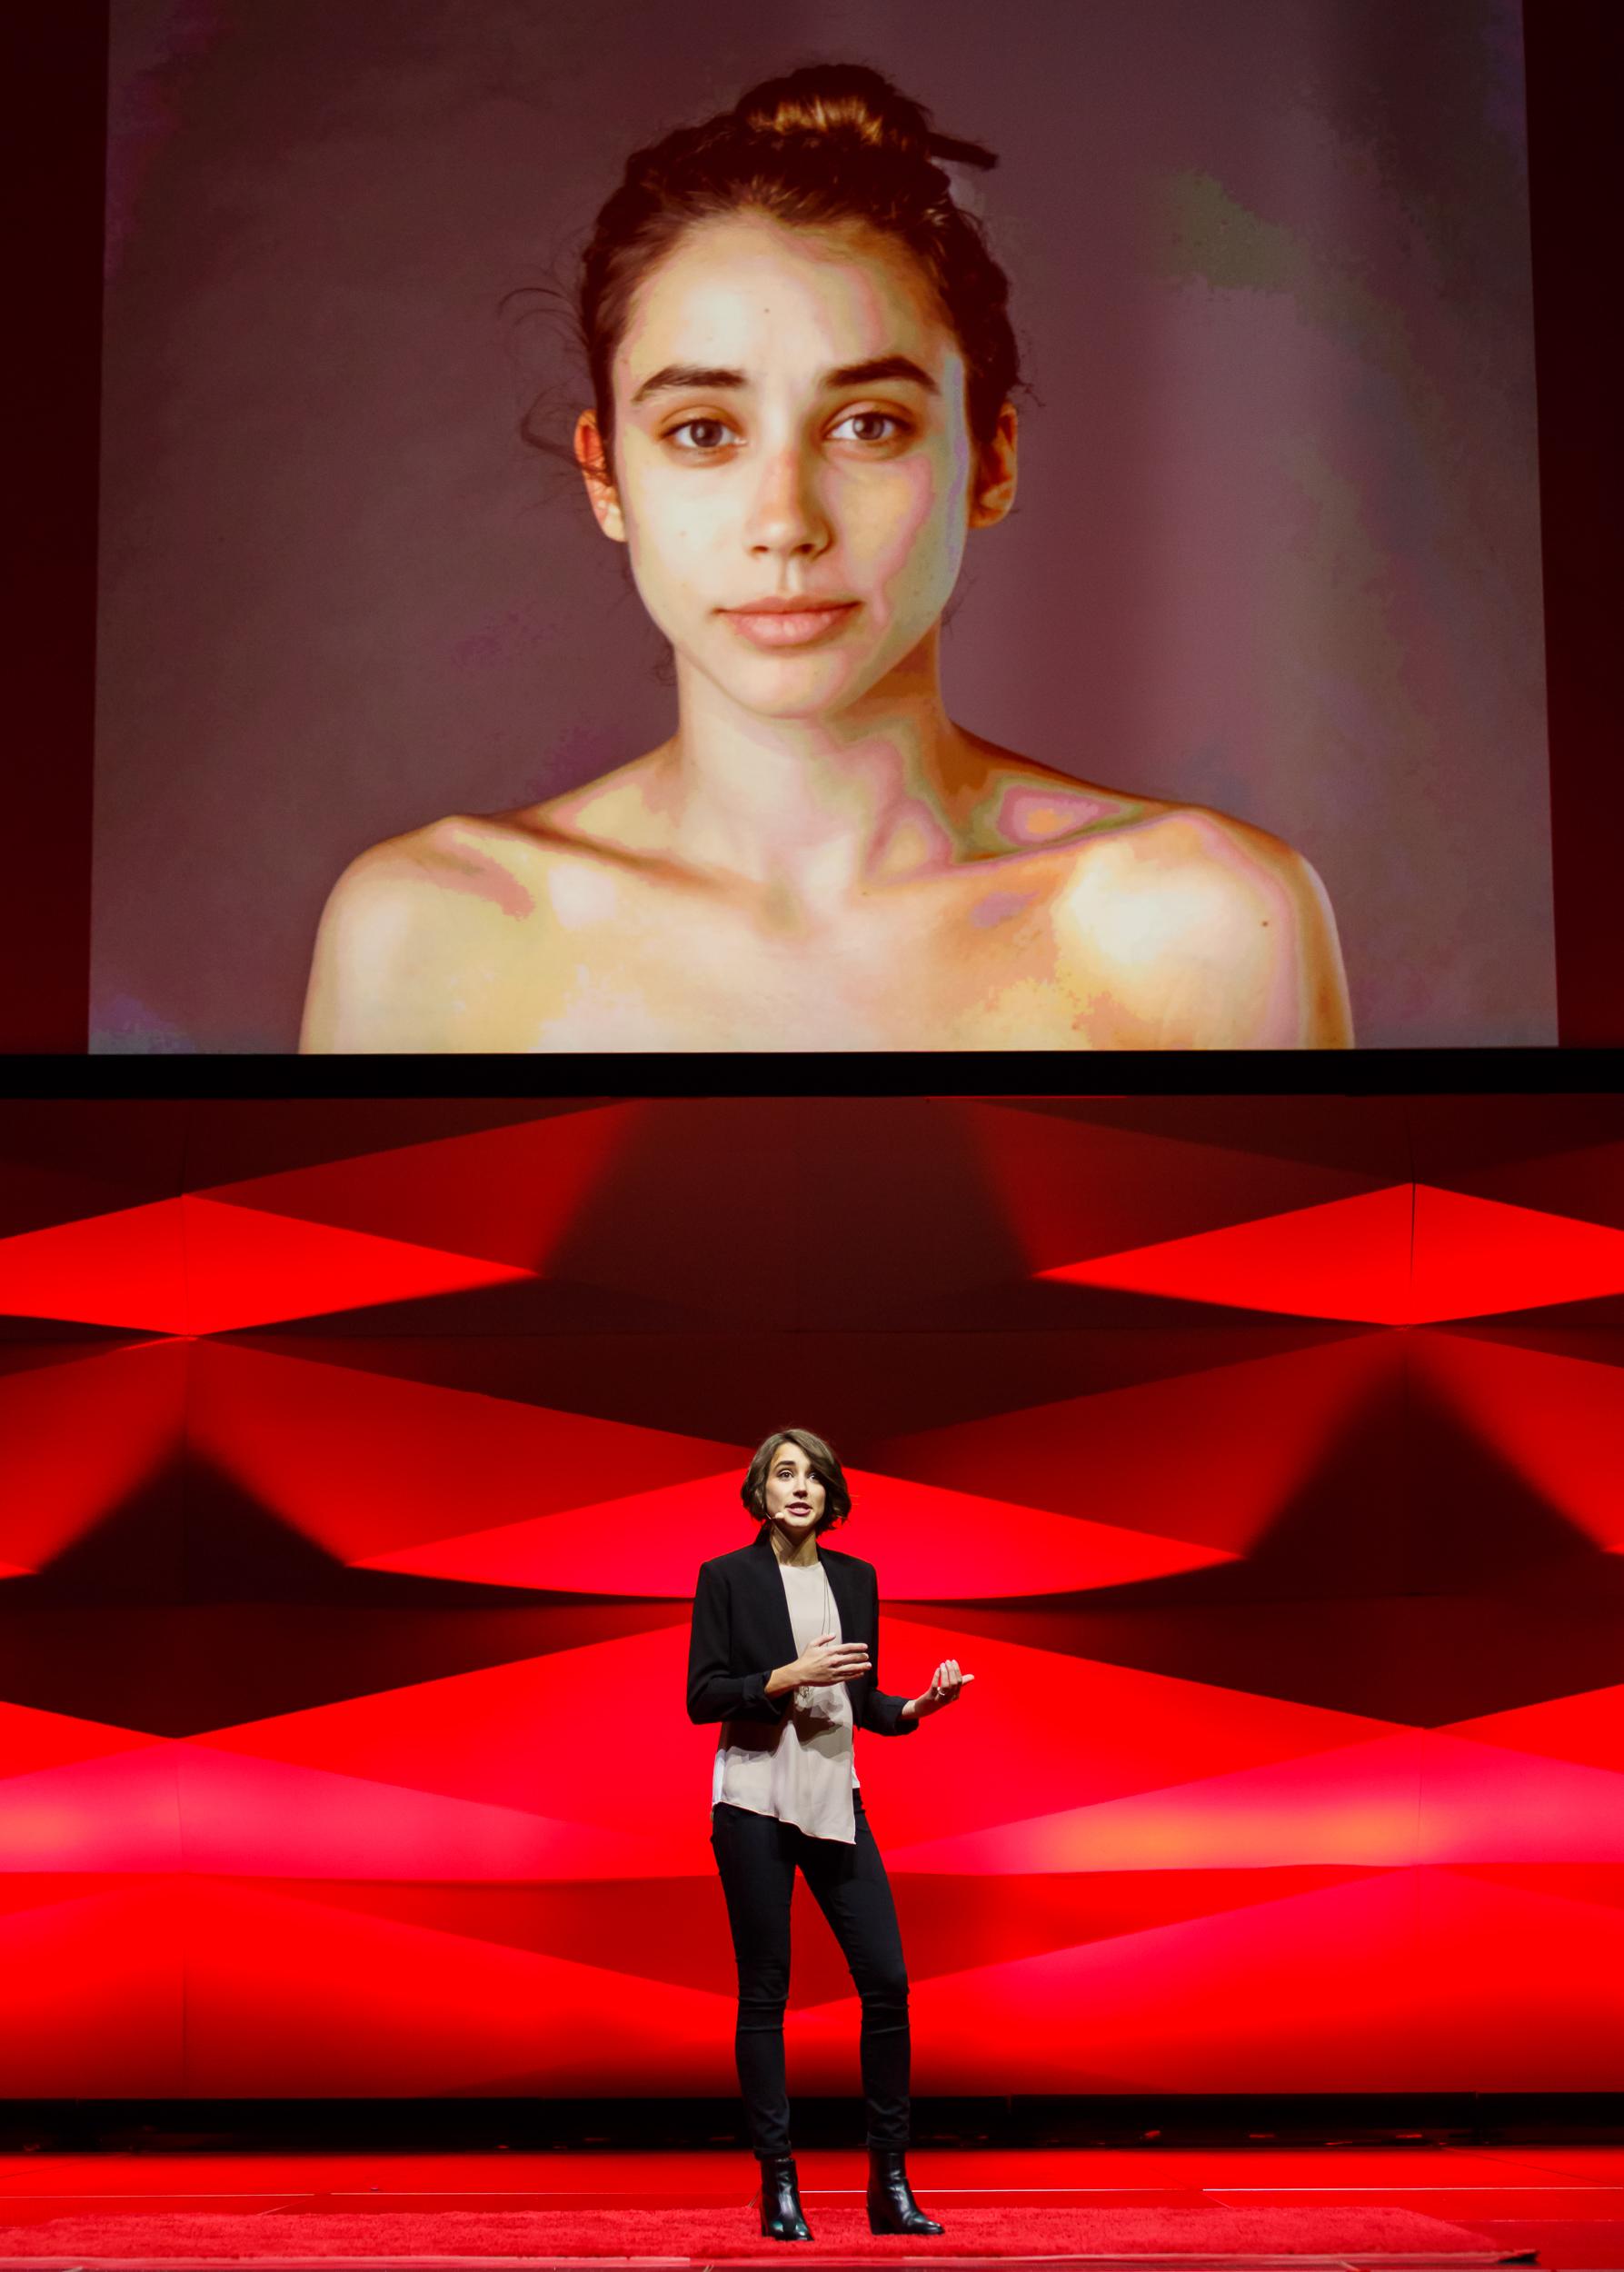 TEDx-Vancouver-photo-9.jpg